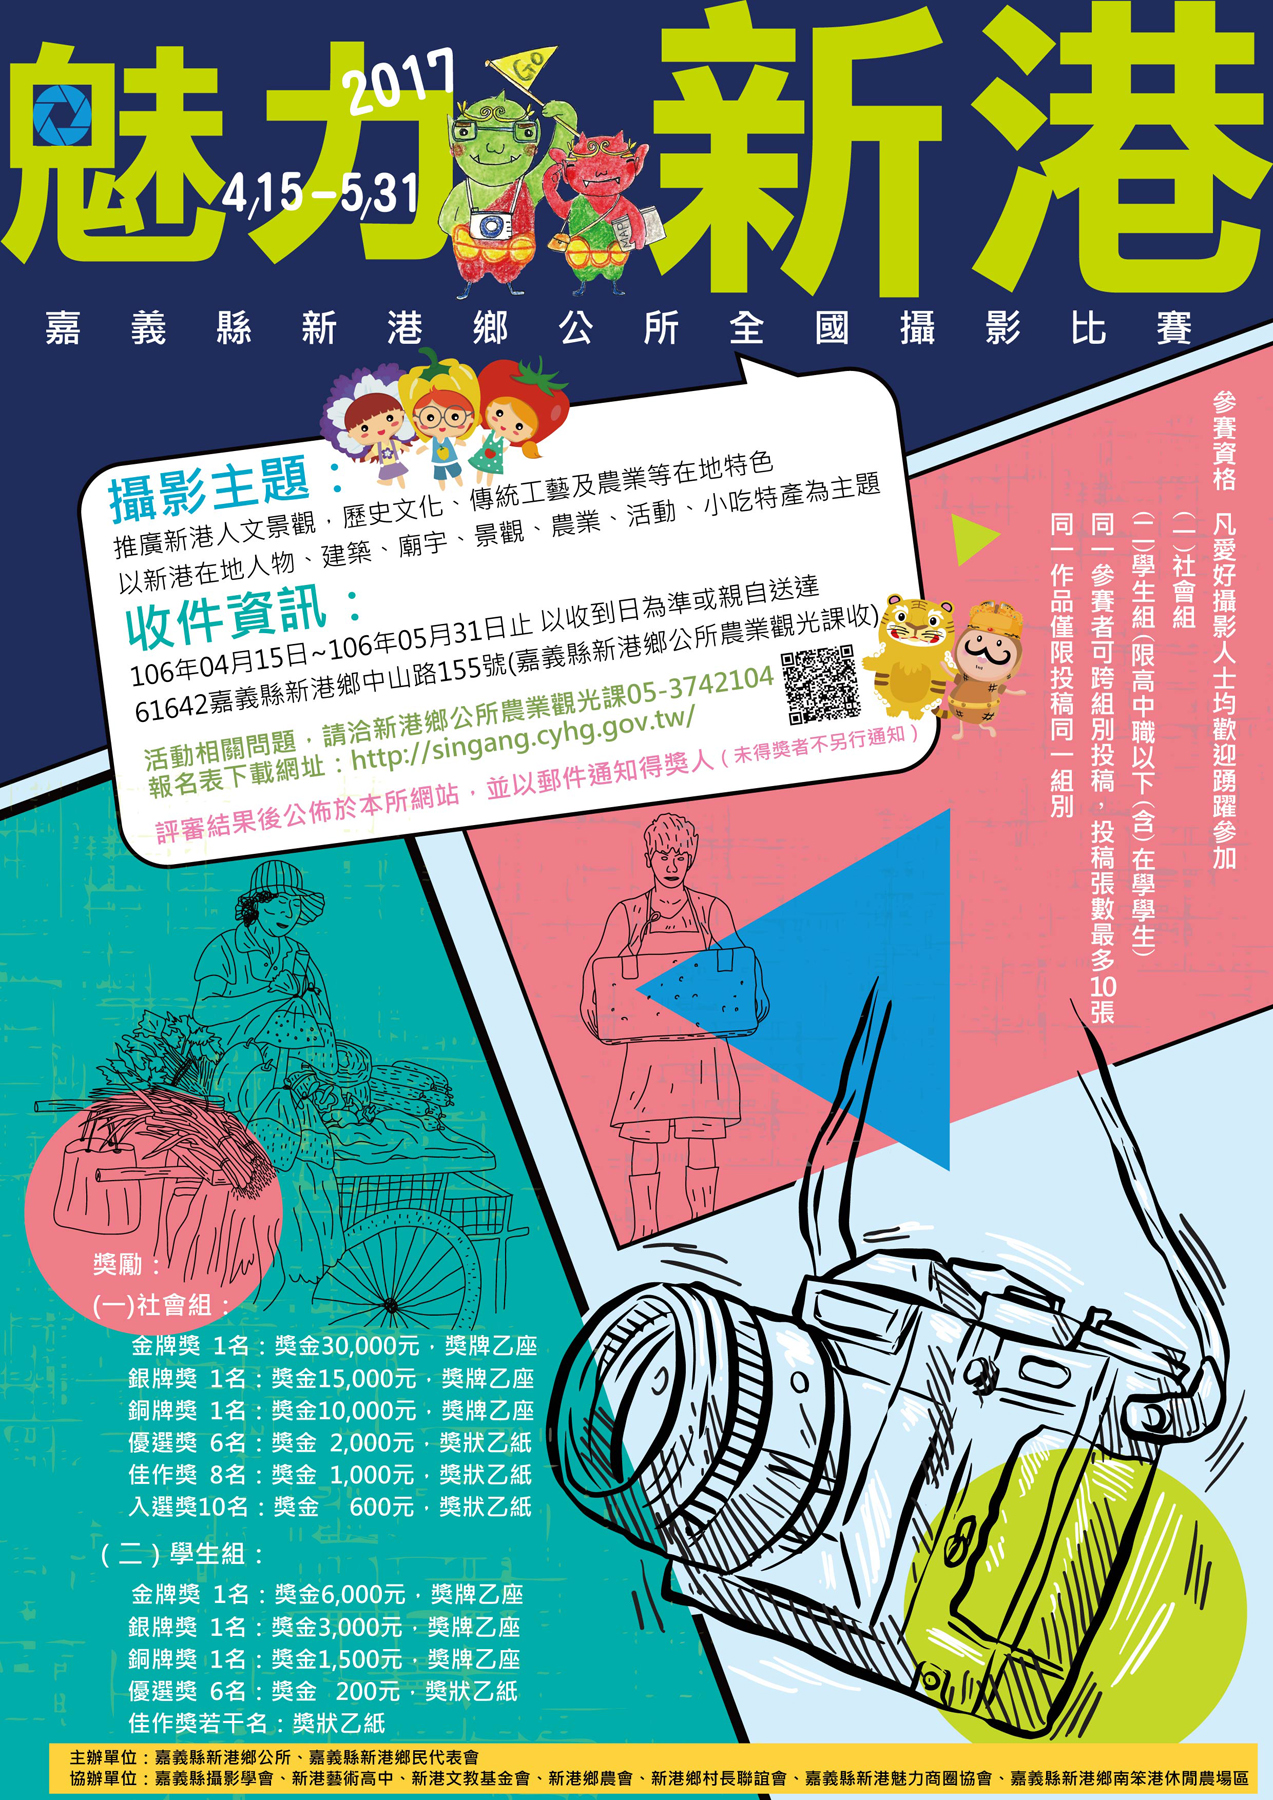 2017魅力新港全國攝影比賽-海報